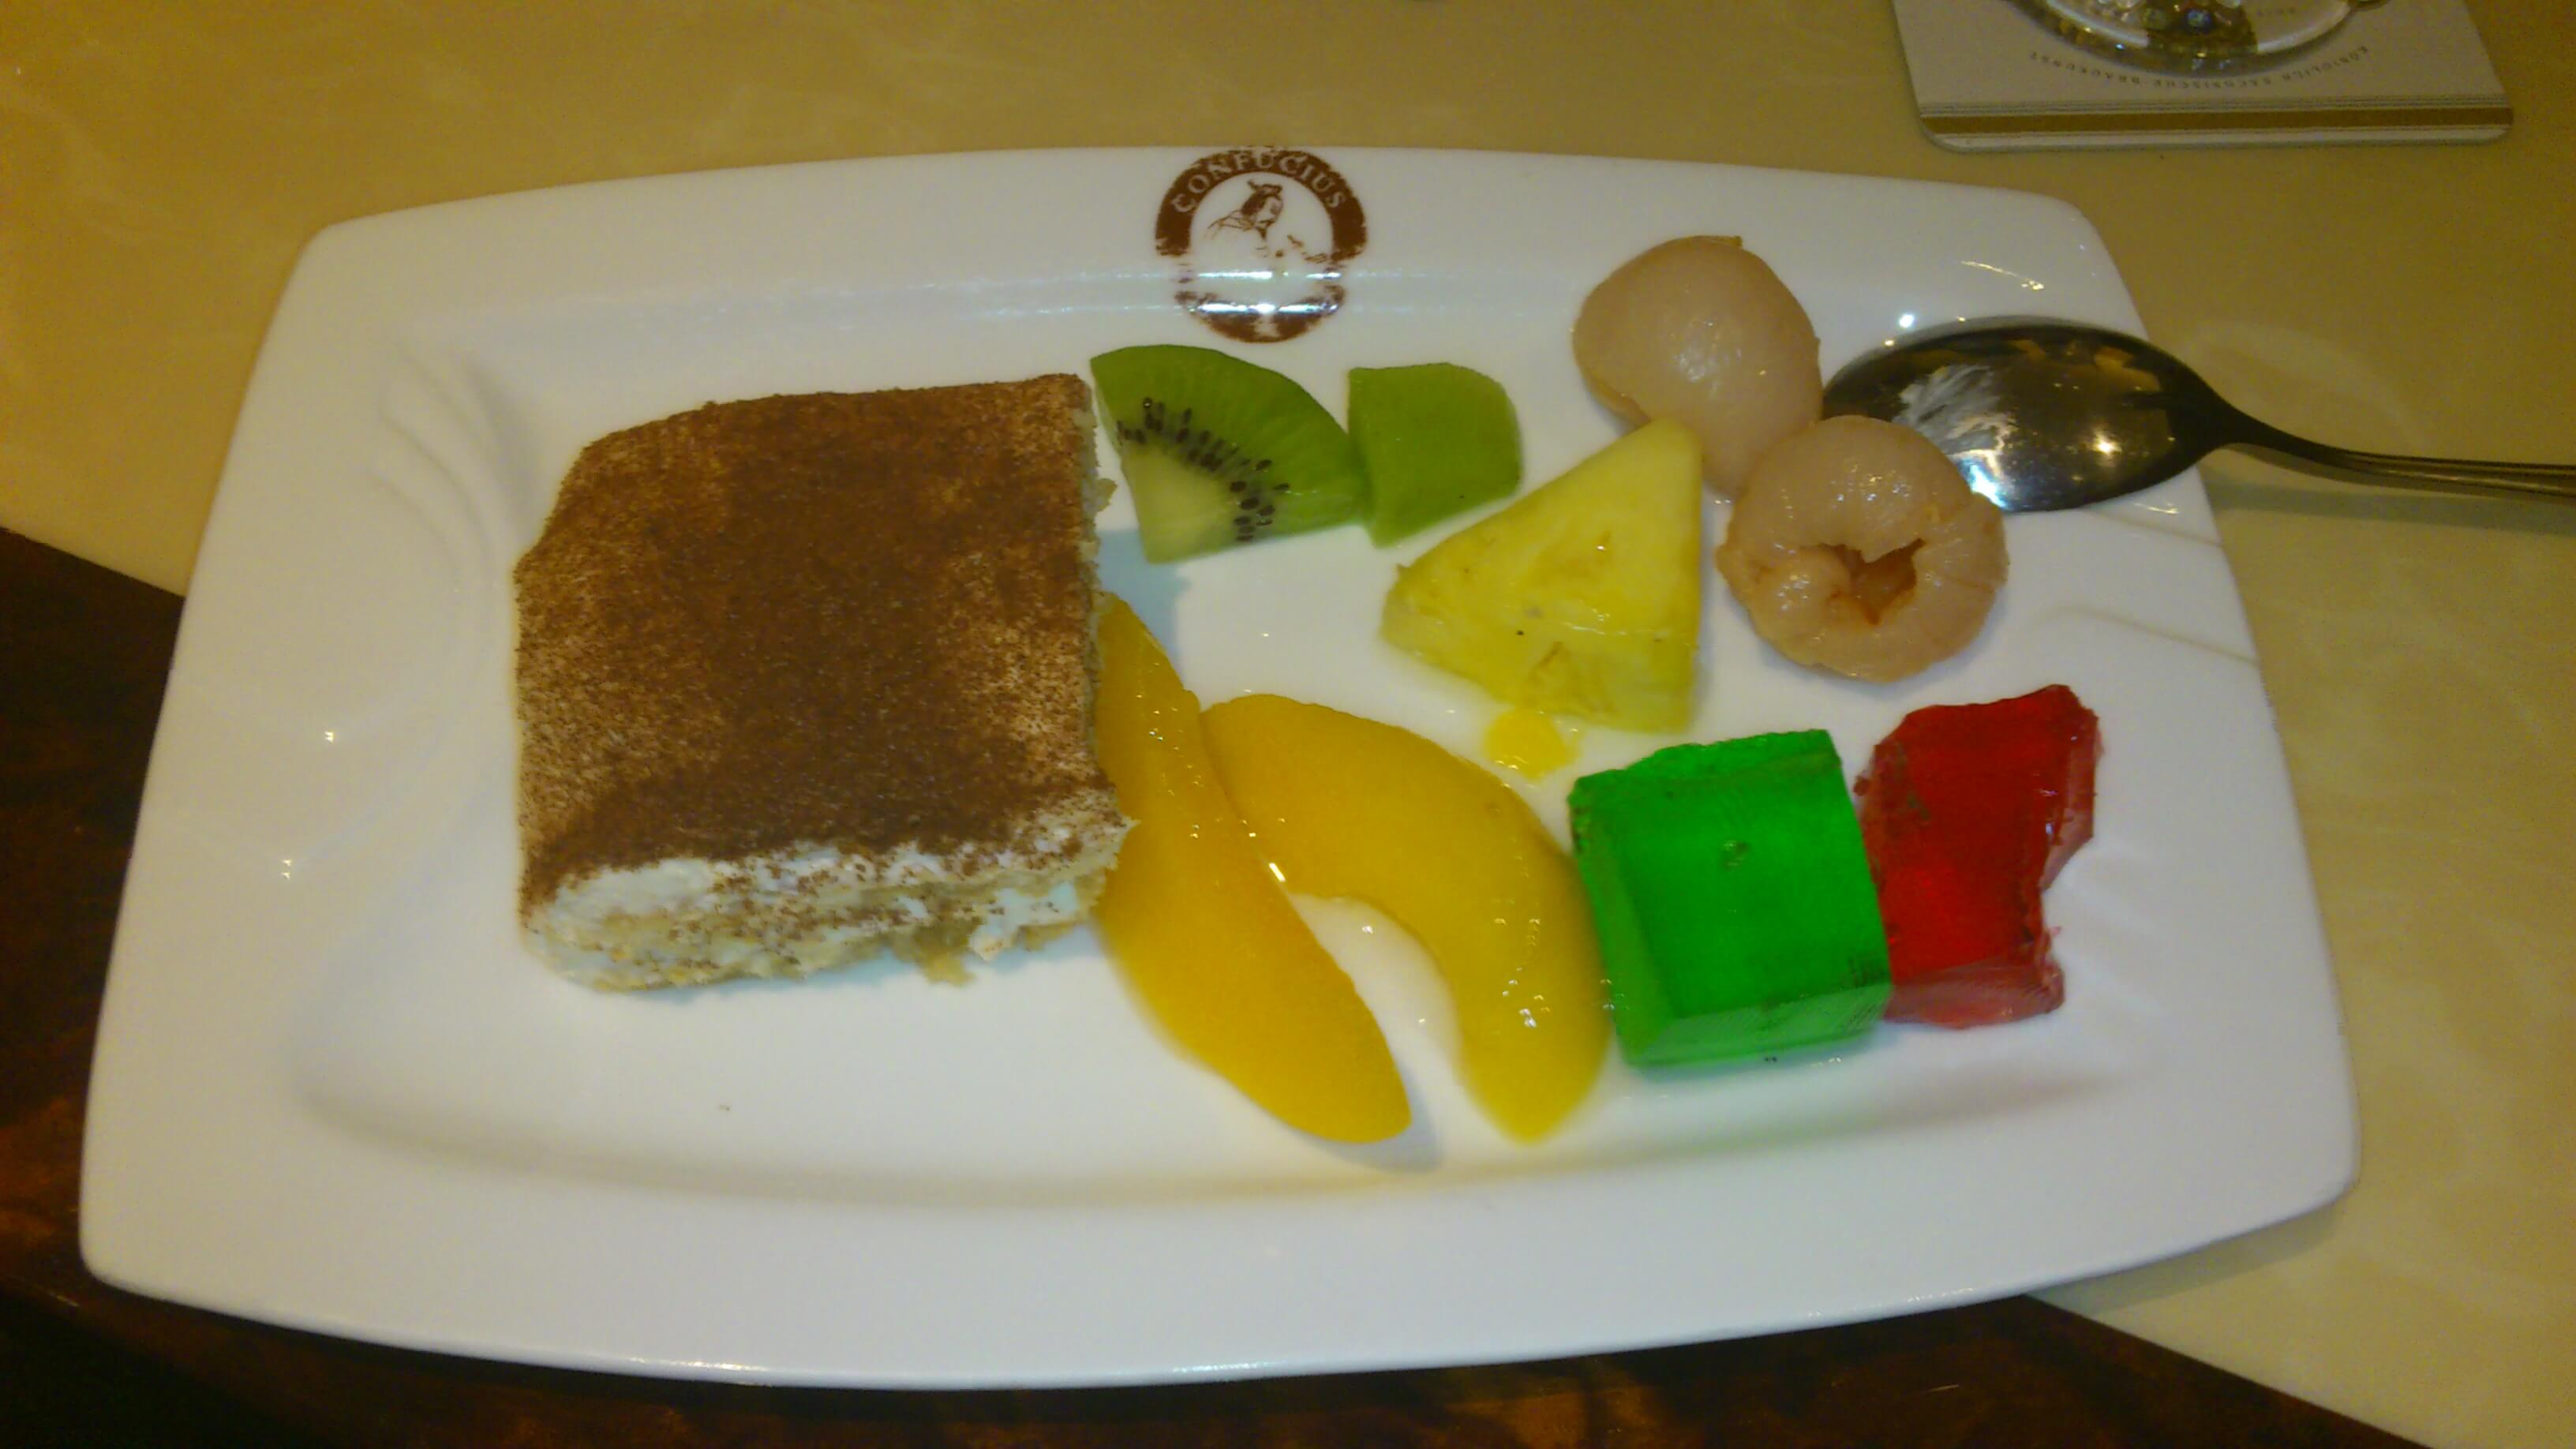 Dessert Köstlichkeiten Essen (c) familienfreund.de